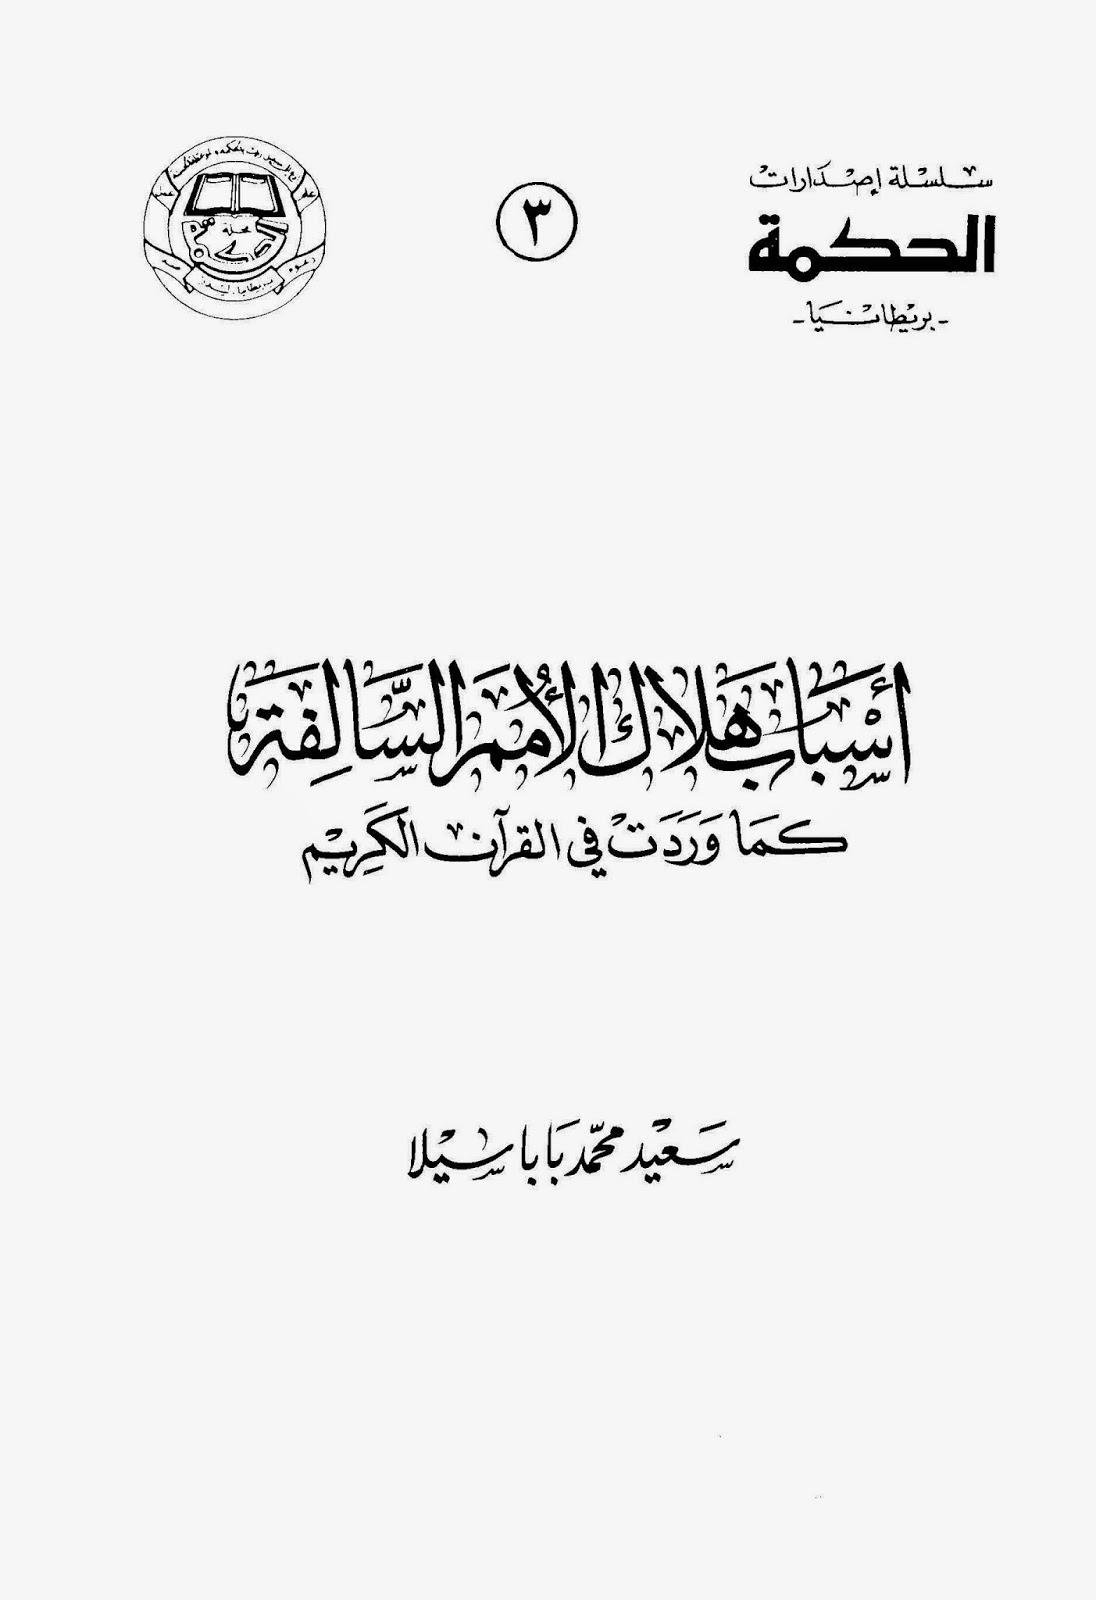 أسباب هلاك الأمم السالفة كما وردت في القرآن الكريم - سعيد سيلا pdf